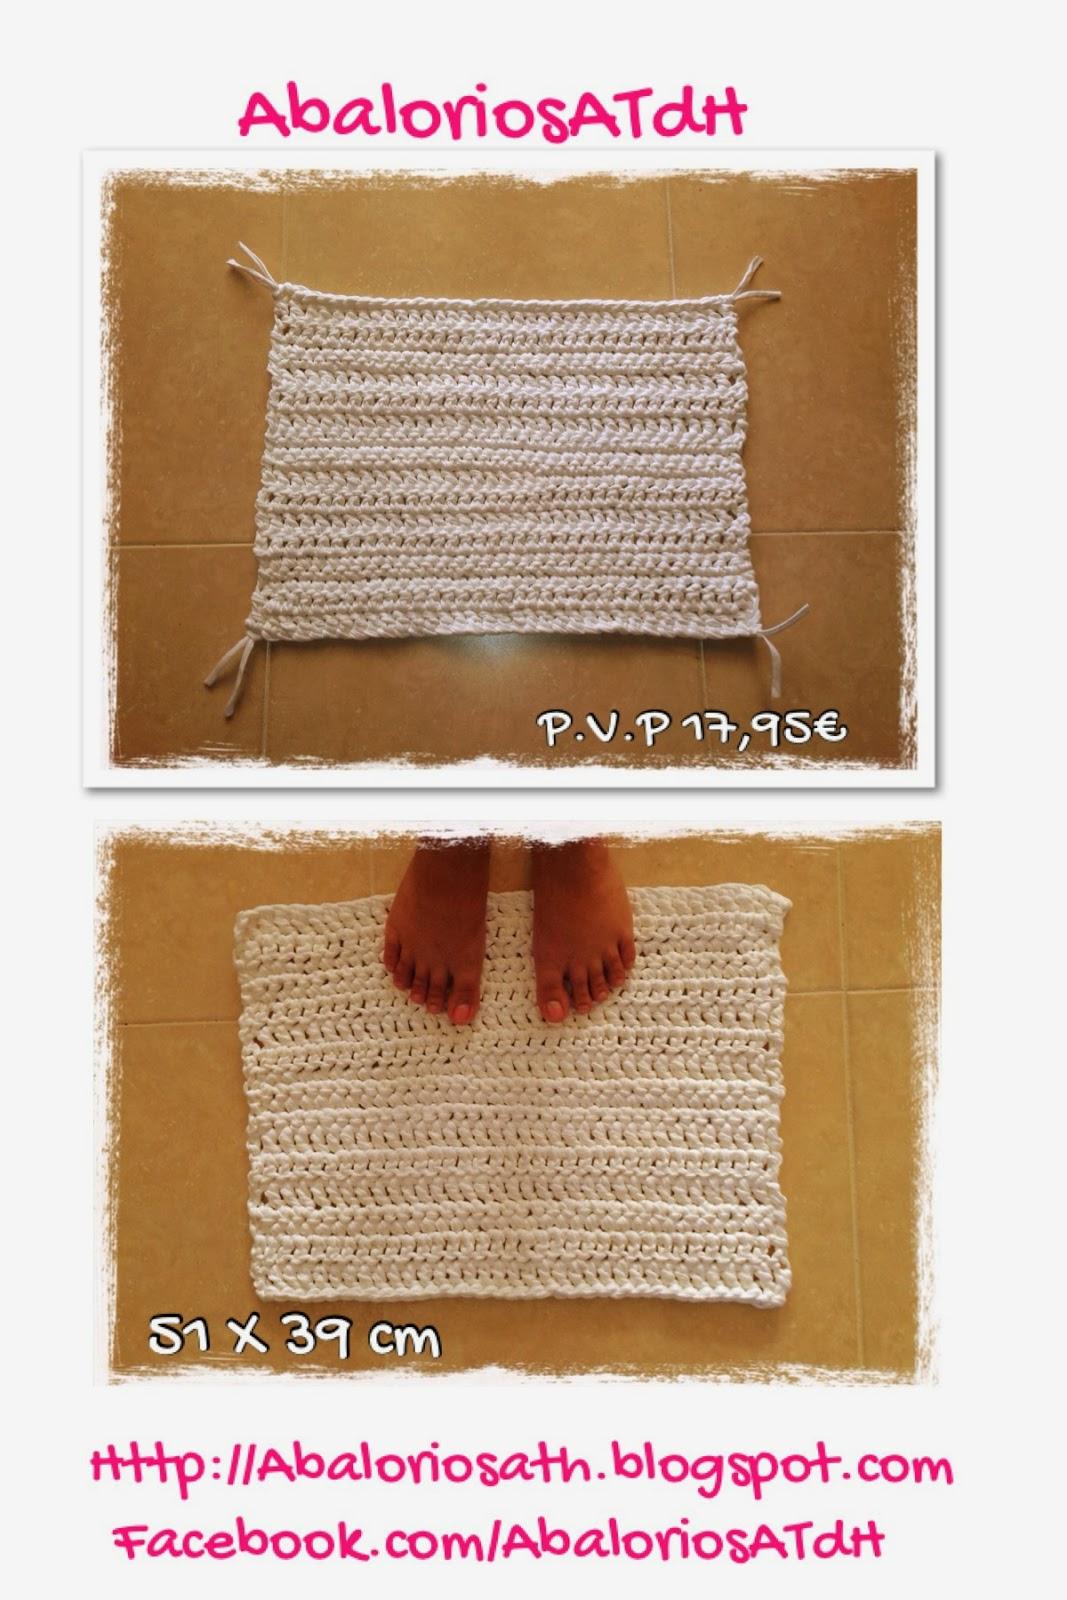 Abaloriosatdh alfombra de trapillo cuadrada - Alfombra de trapillo cuadrada ...